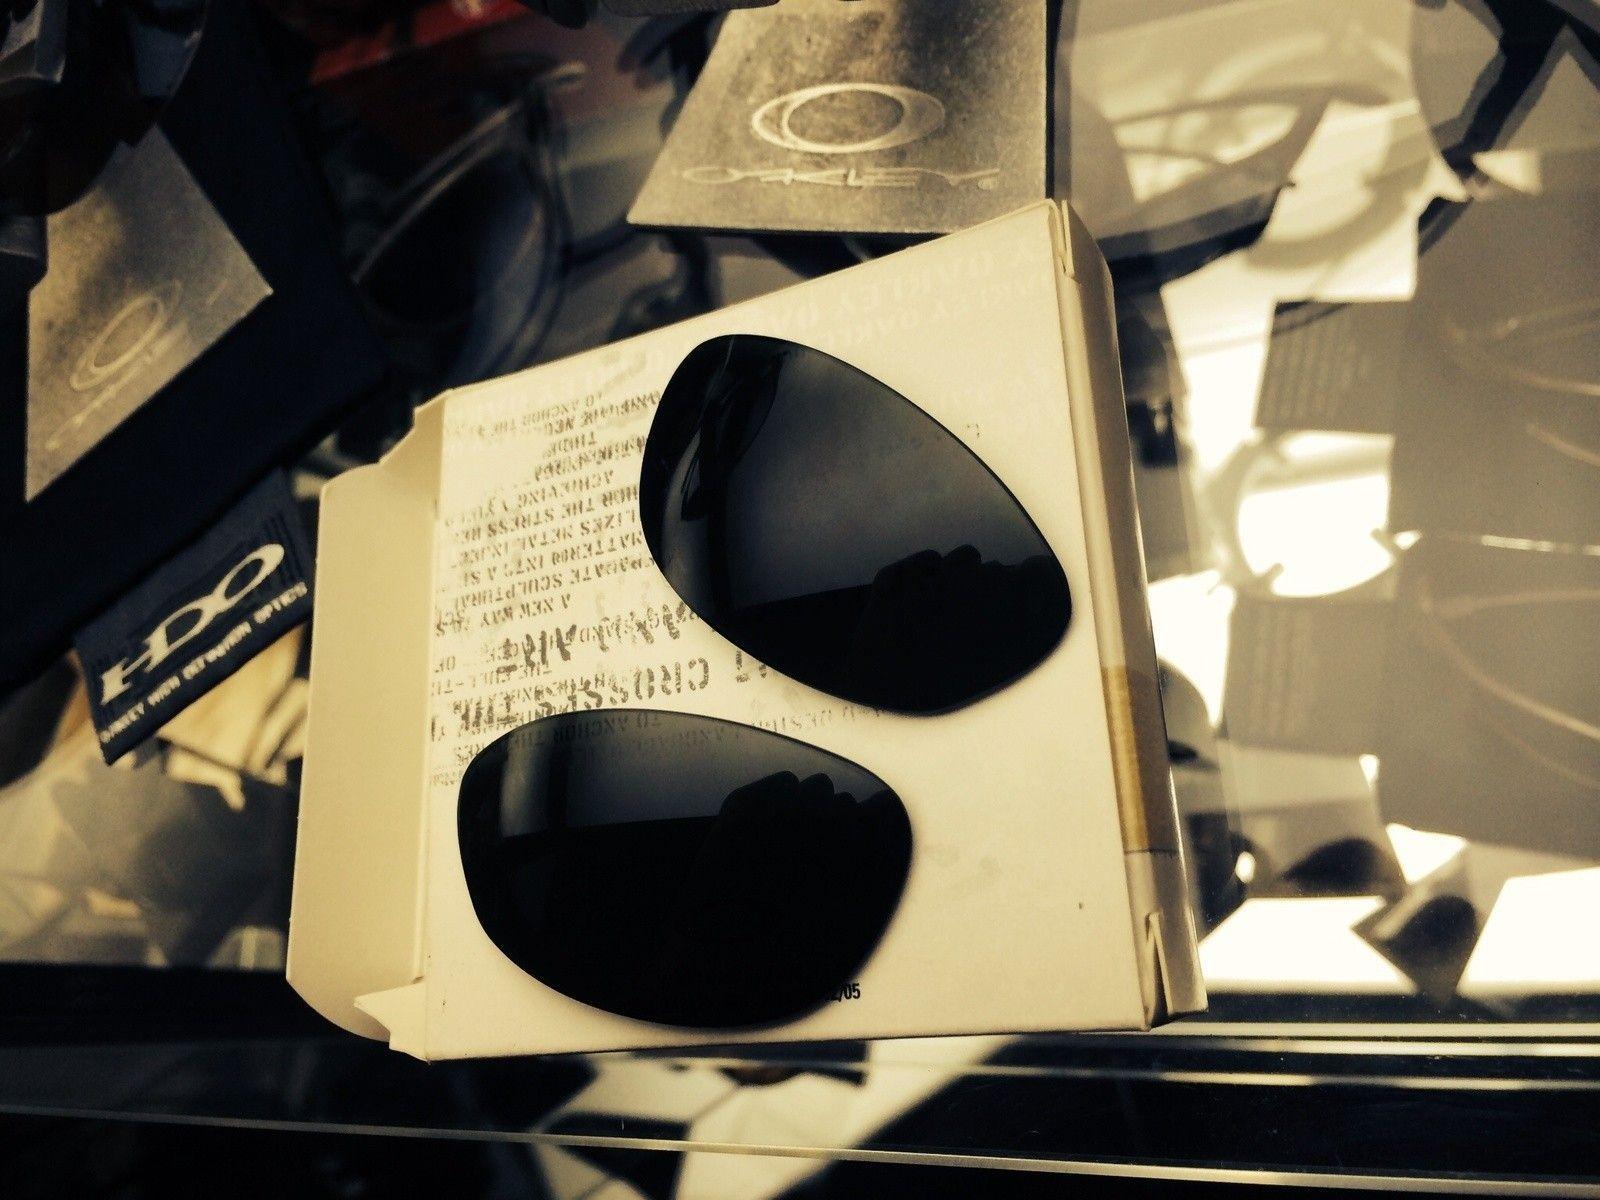 Xx 24k lenses - image.jpg